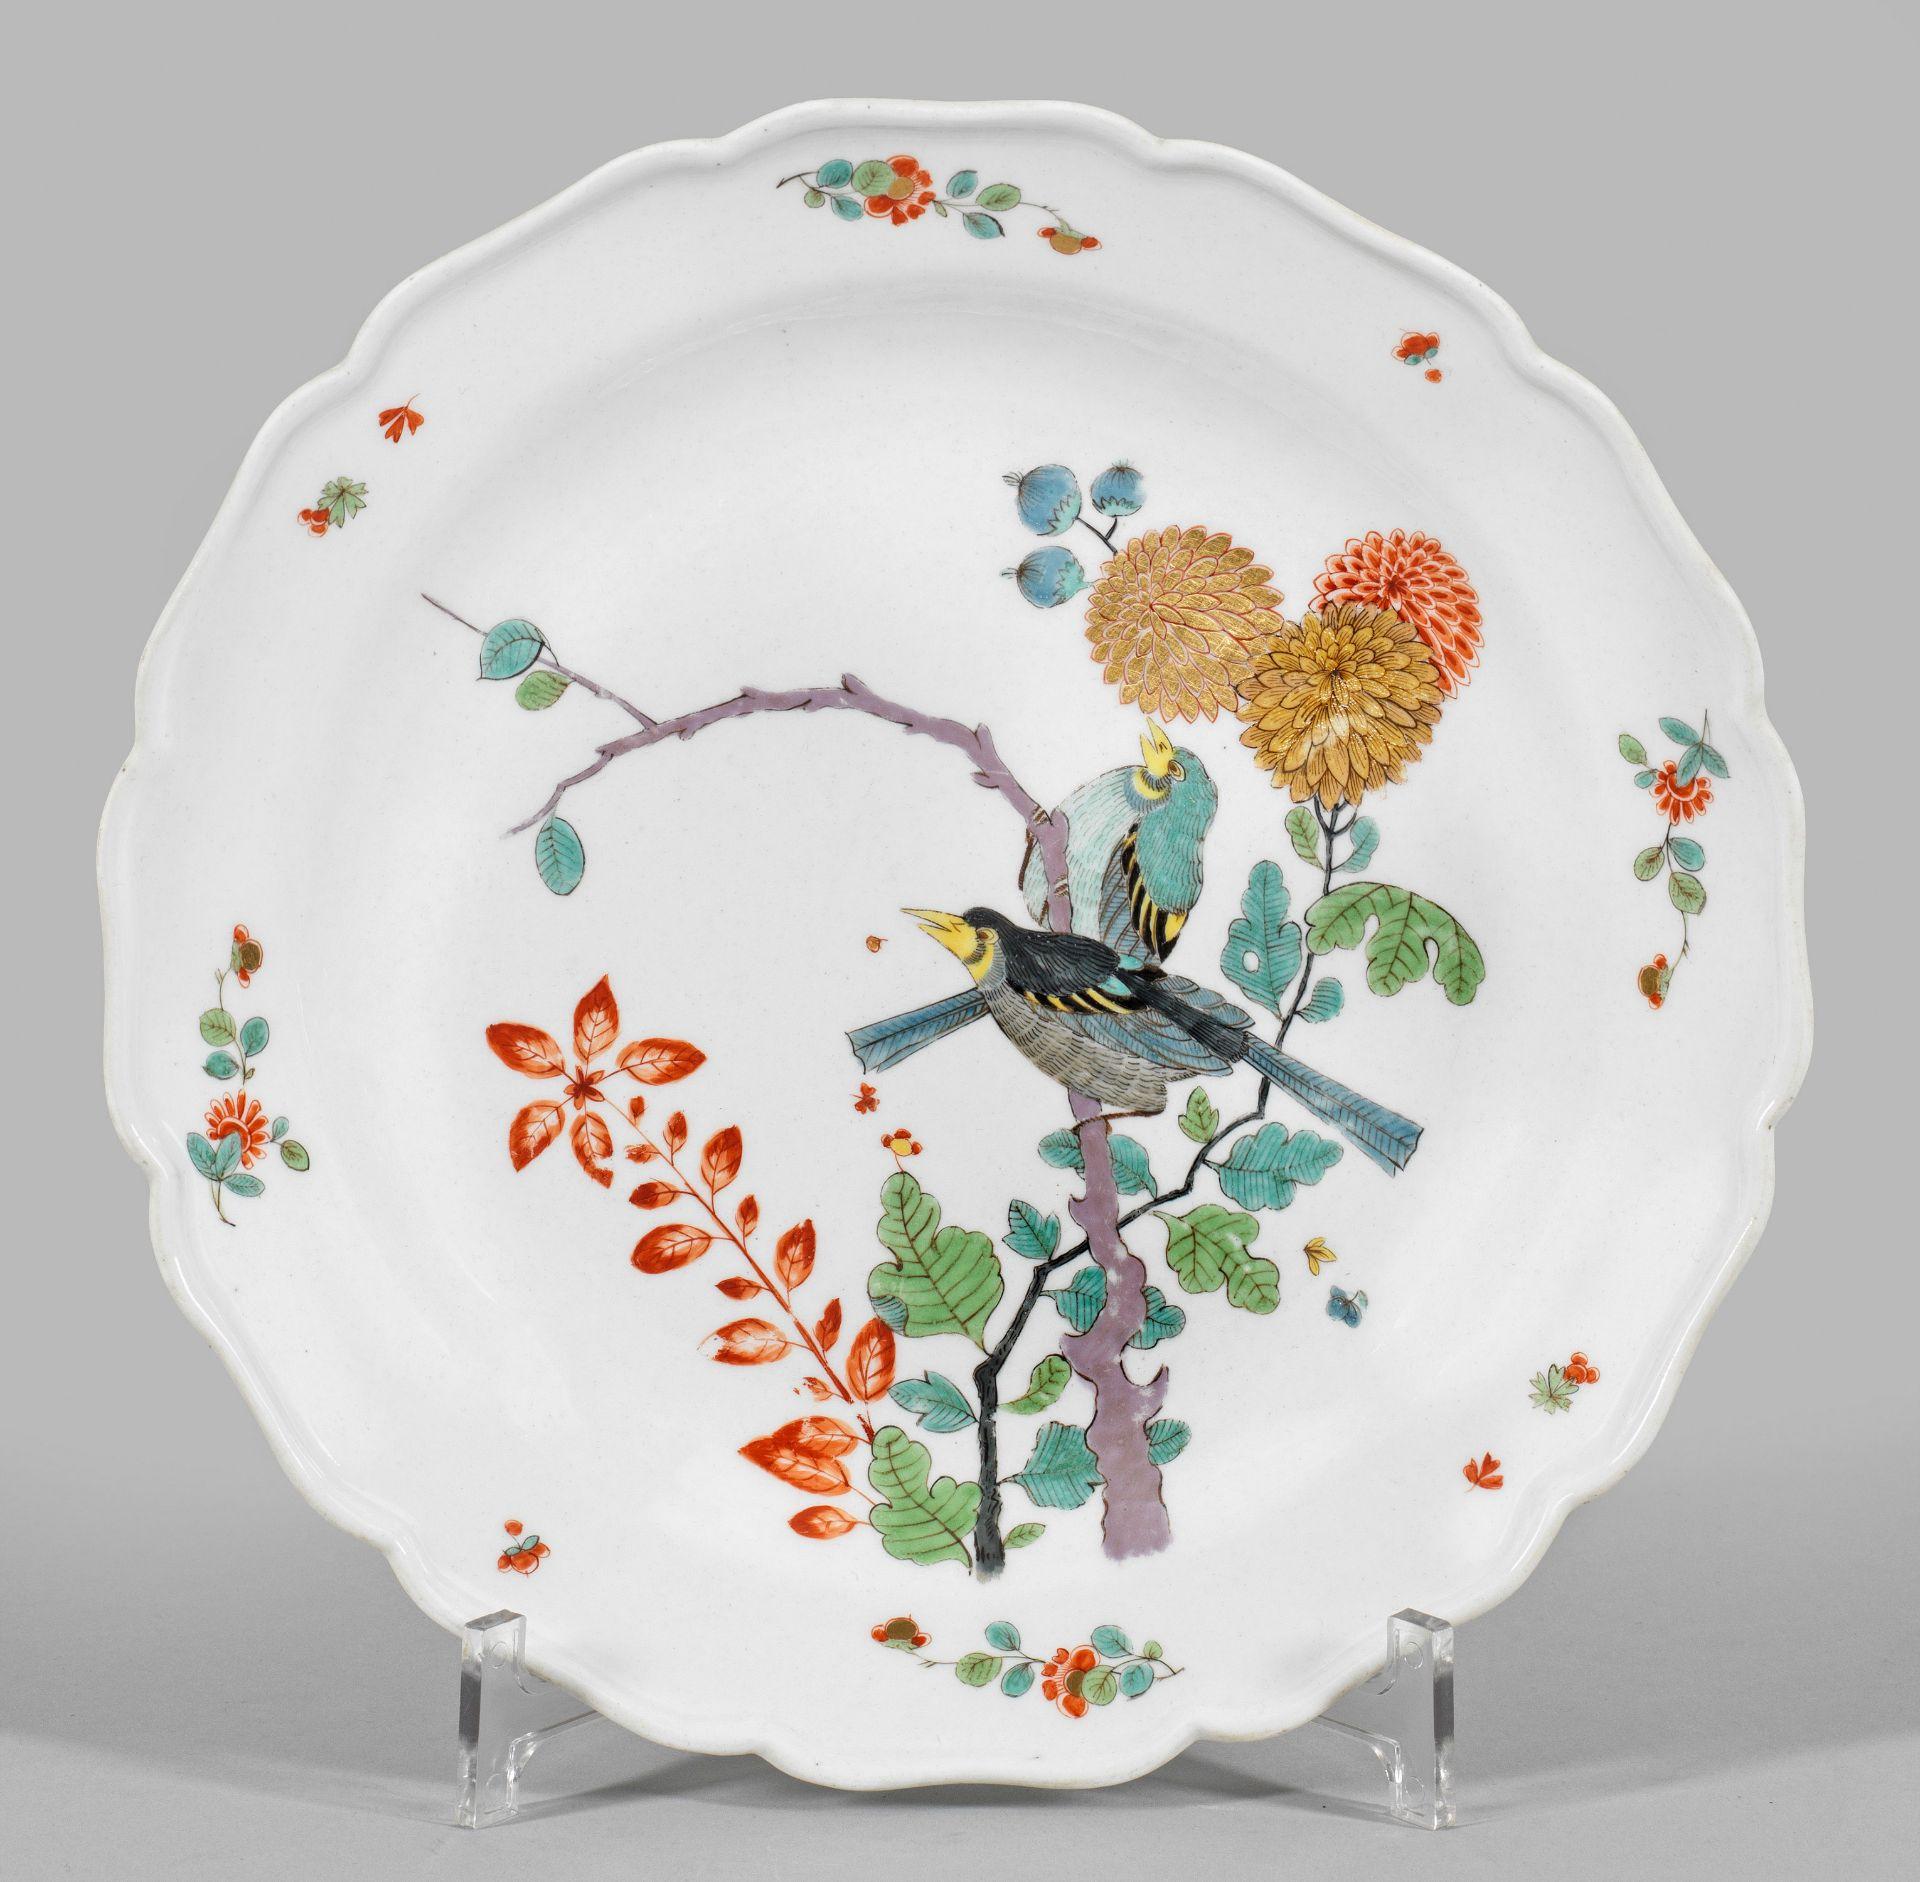 Zierteller mit Vogelbaum-Dekor